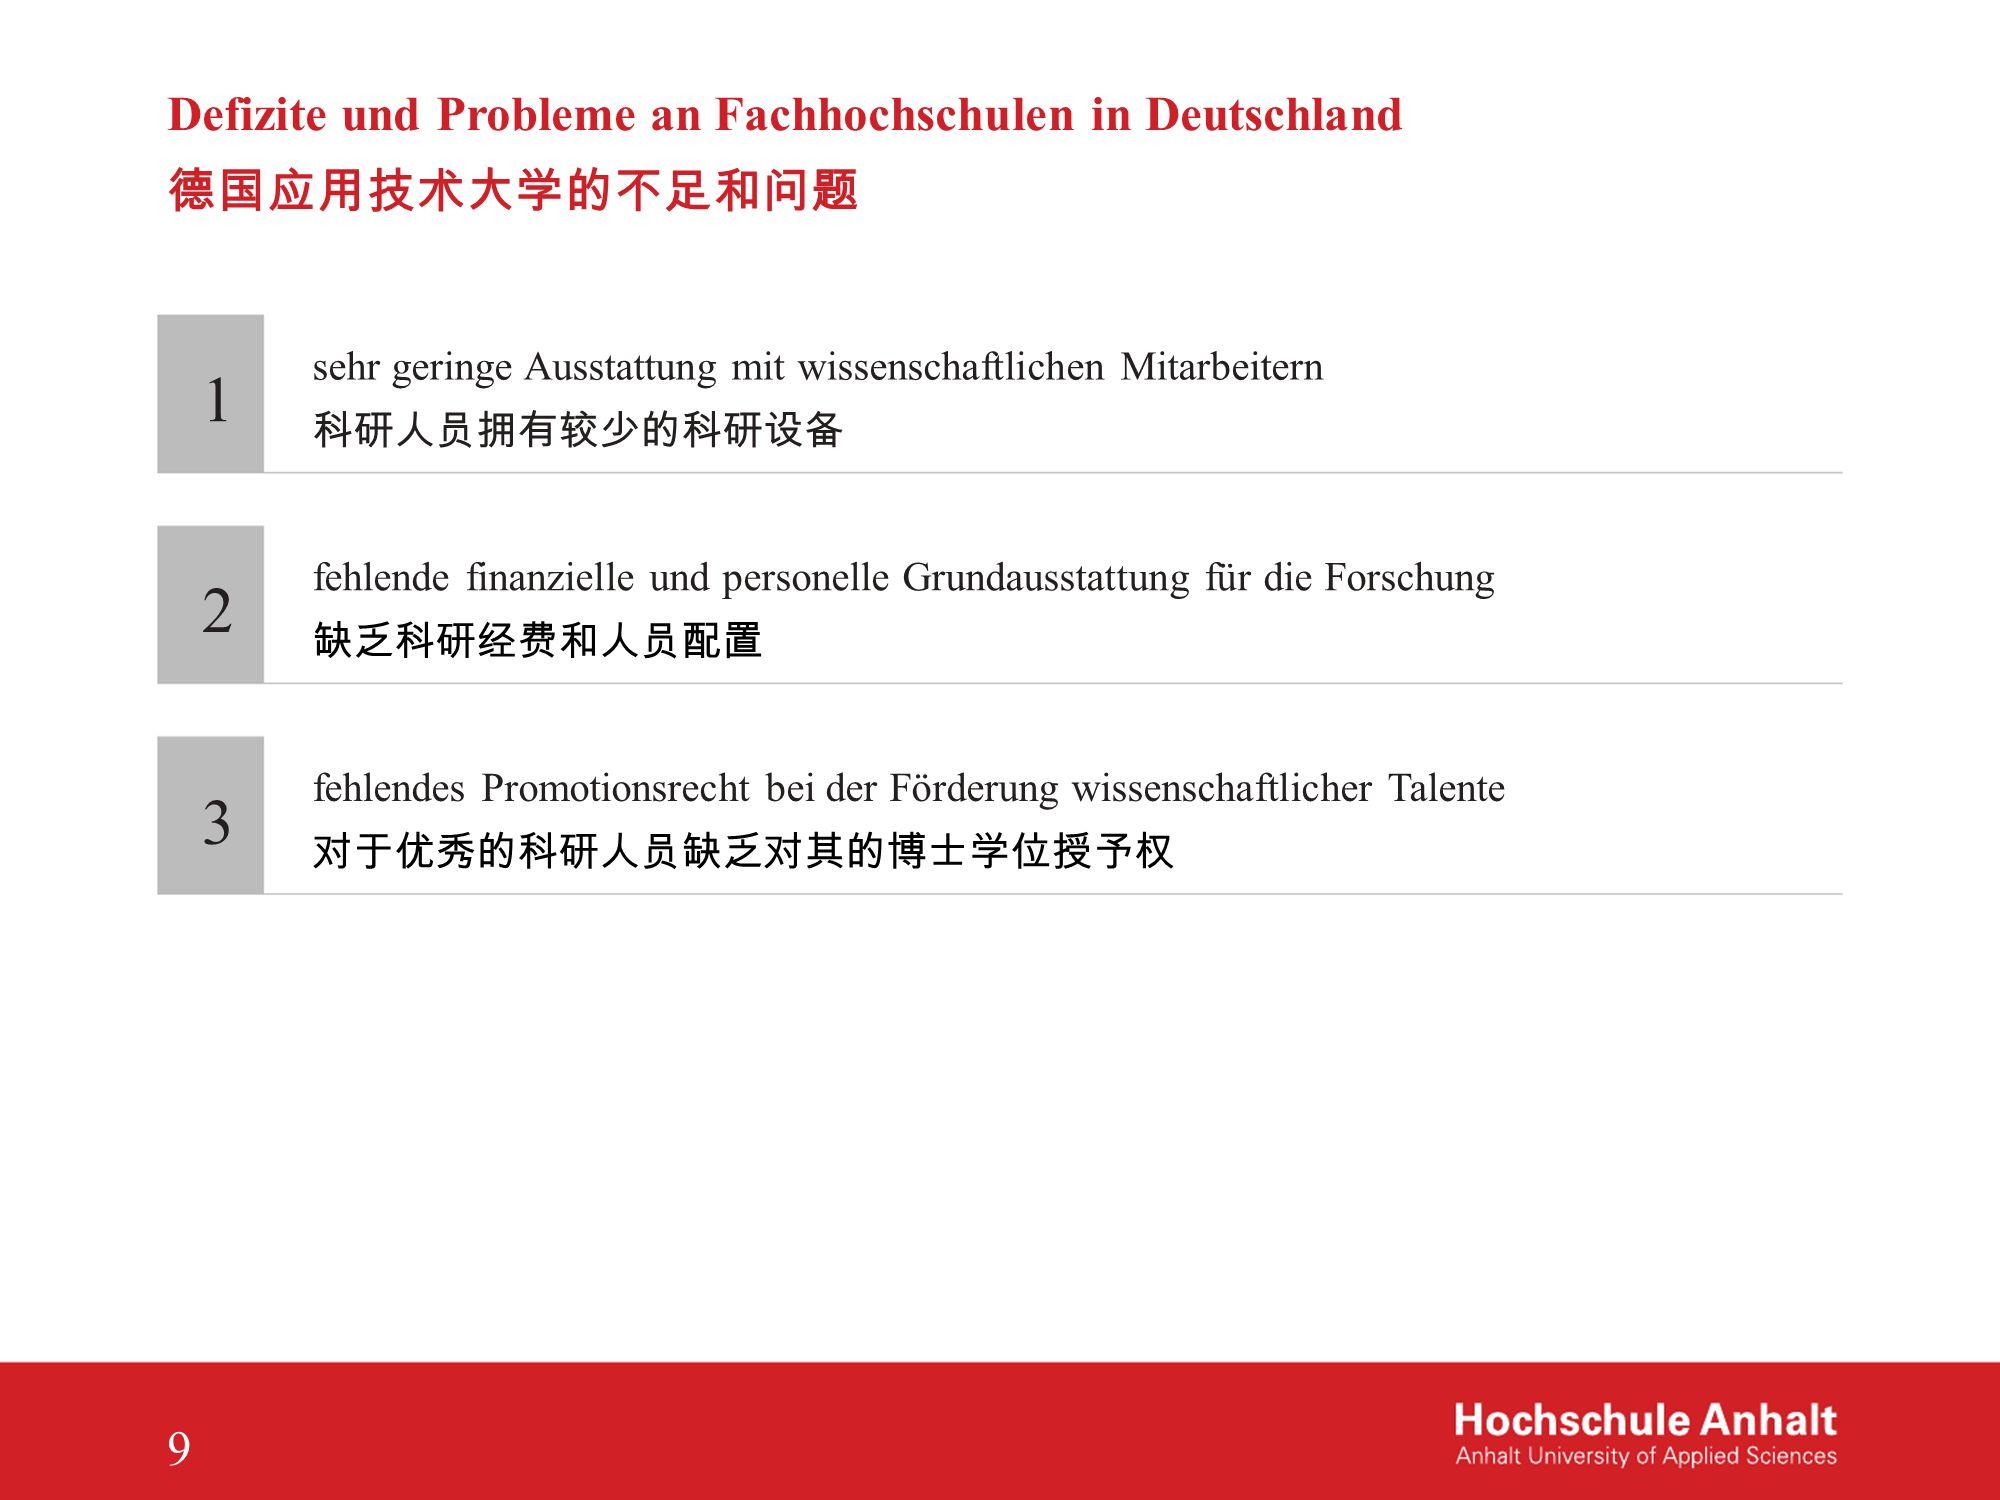 Defizite und Probleme an Fachhochschulen in Deutschland 德国应用技术大学的不足和问题 1 2 3 sehr geringe Ausstattung mit wissenschaftlichen Mitarbeitern 科研人员拥有较少的科研设